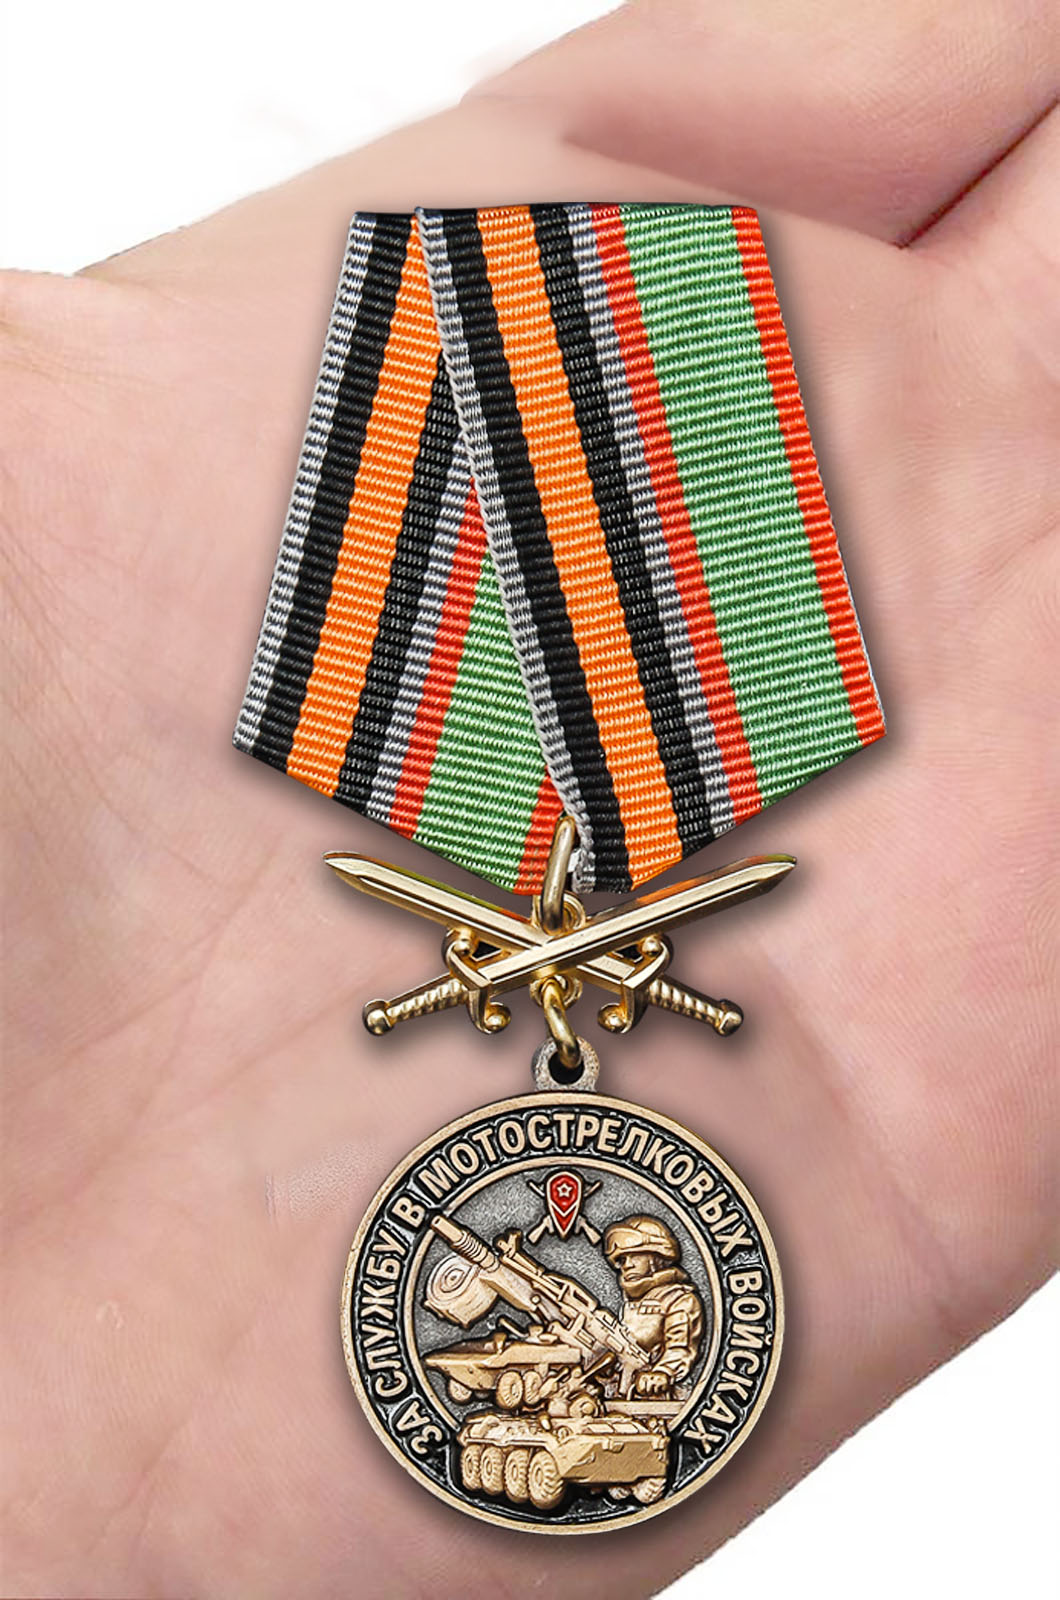 Нагрудная медаль За службу в Мотострелковых войсках - вид на ладони